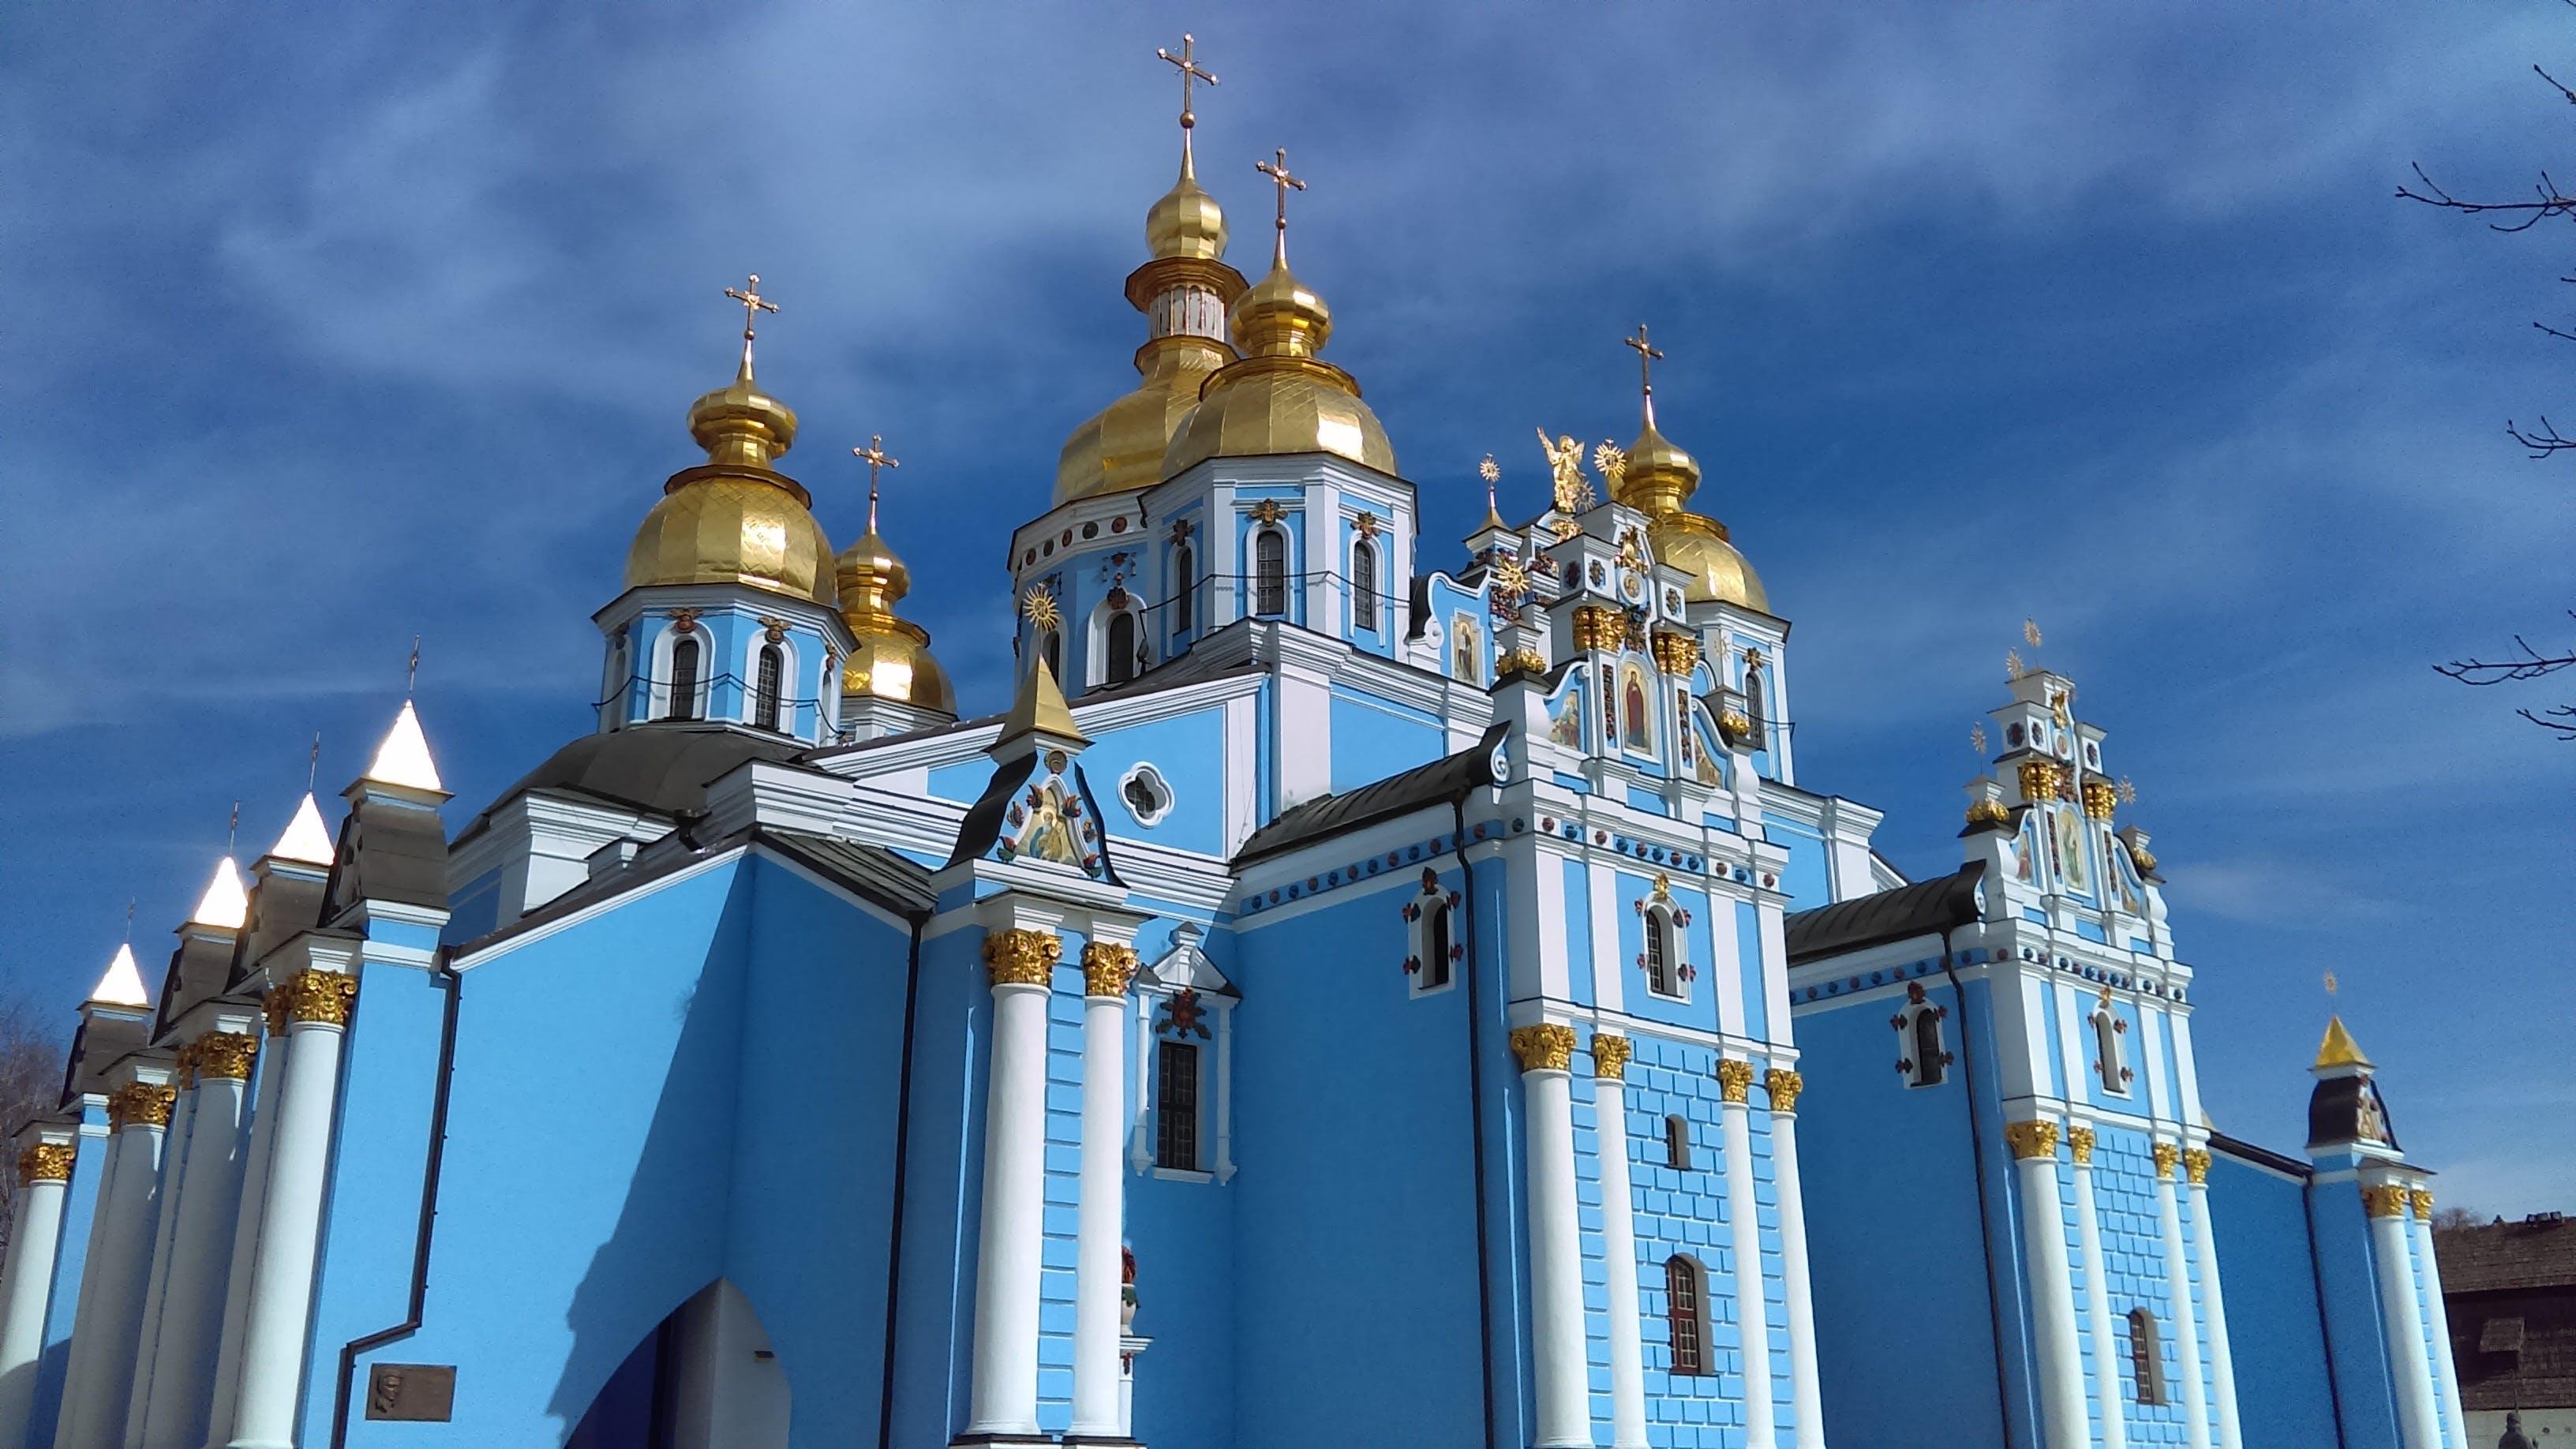 ancient, architecture, blue